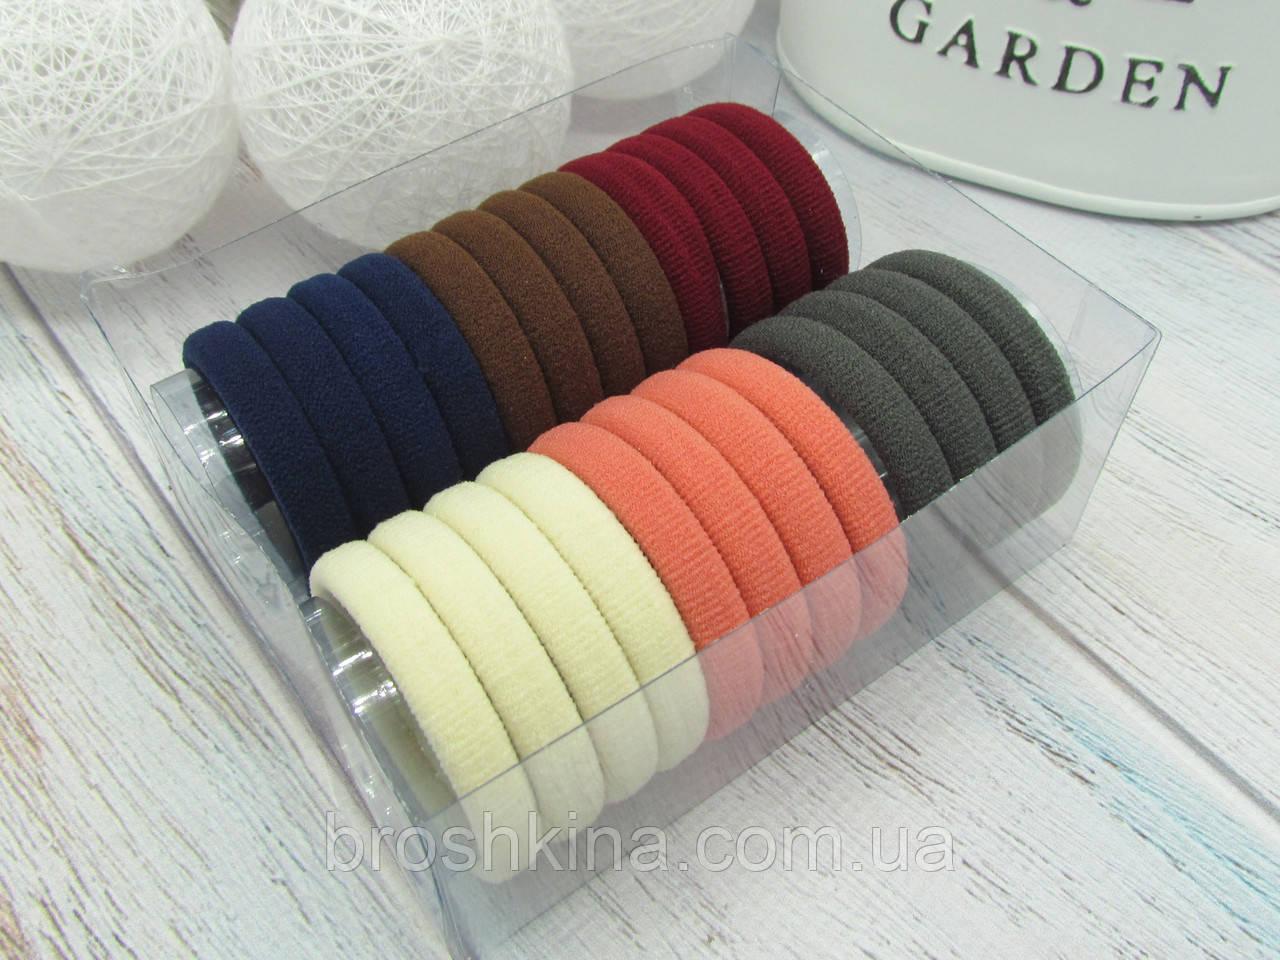 Резиночки для волос микрофибра Ø4 см цветные 24 шт. в коробочке